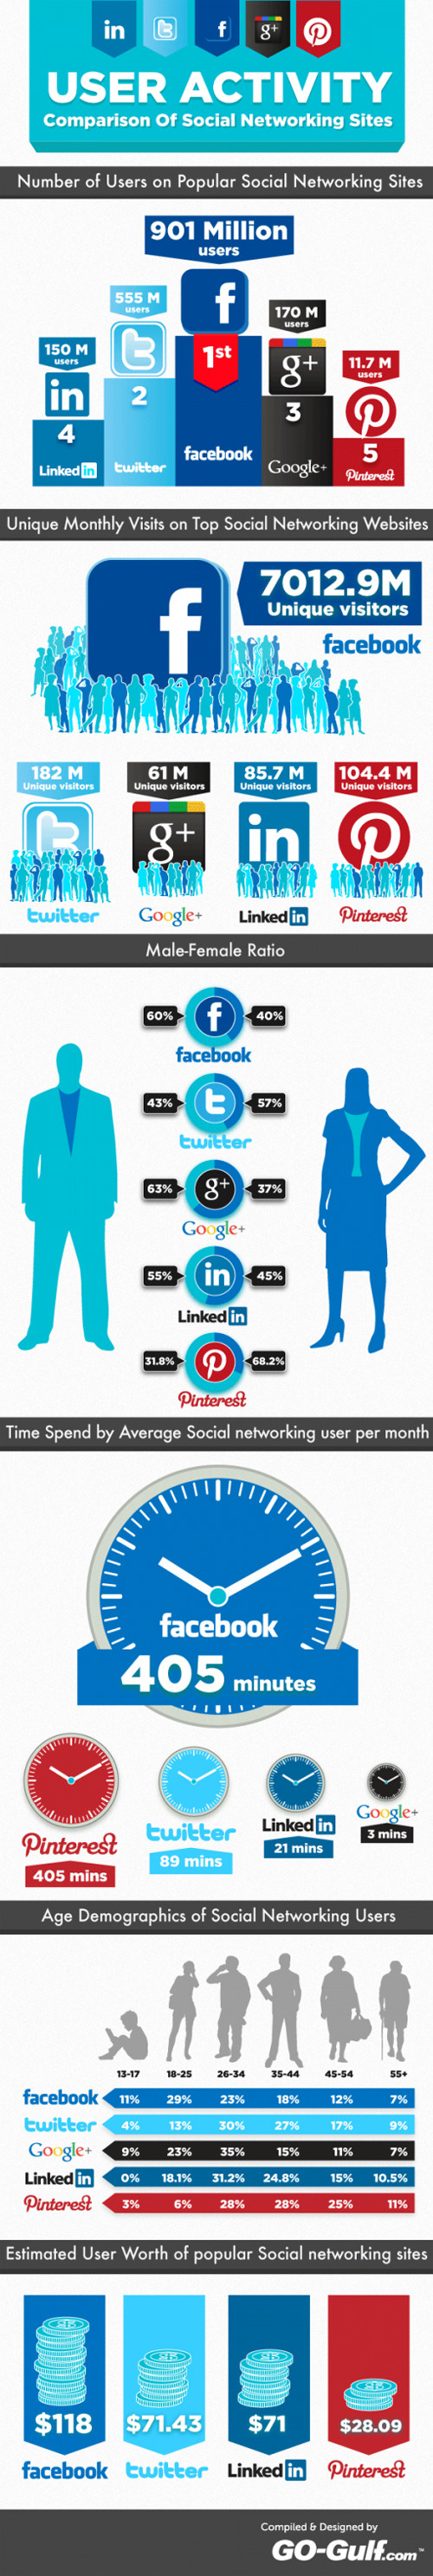 Redes sociales Como esta el panorama - #SMRevolution